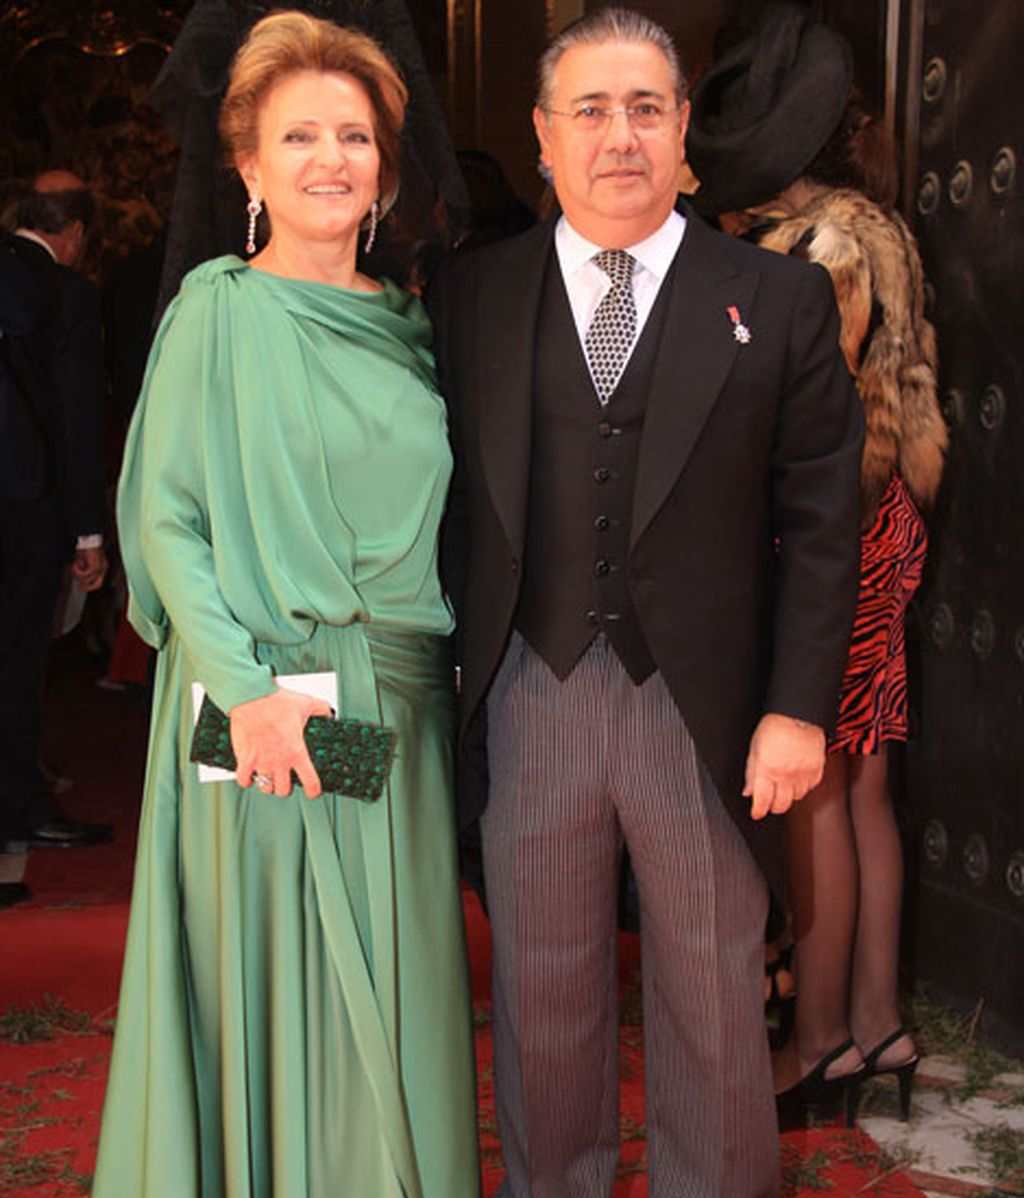 El alcalde de Sevilla, Juan Ignacio Zoido, junto a su mujer